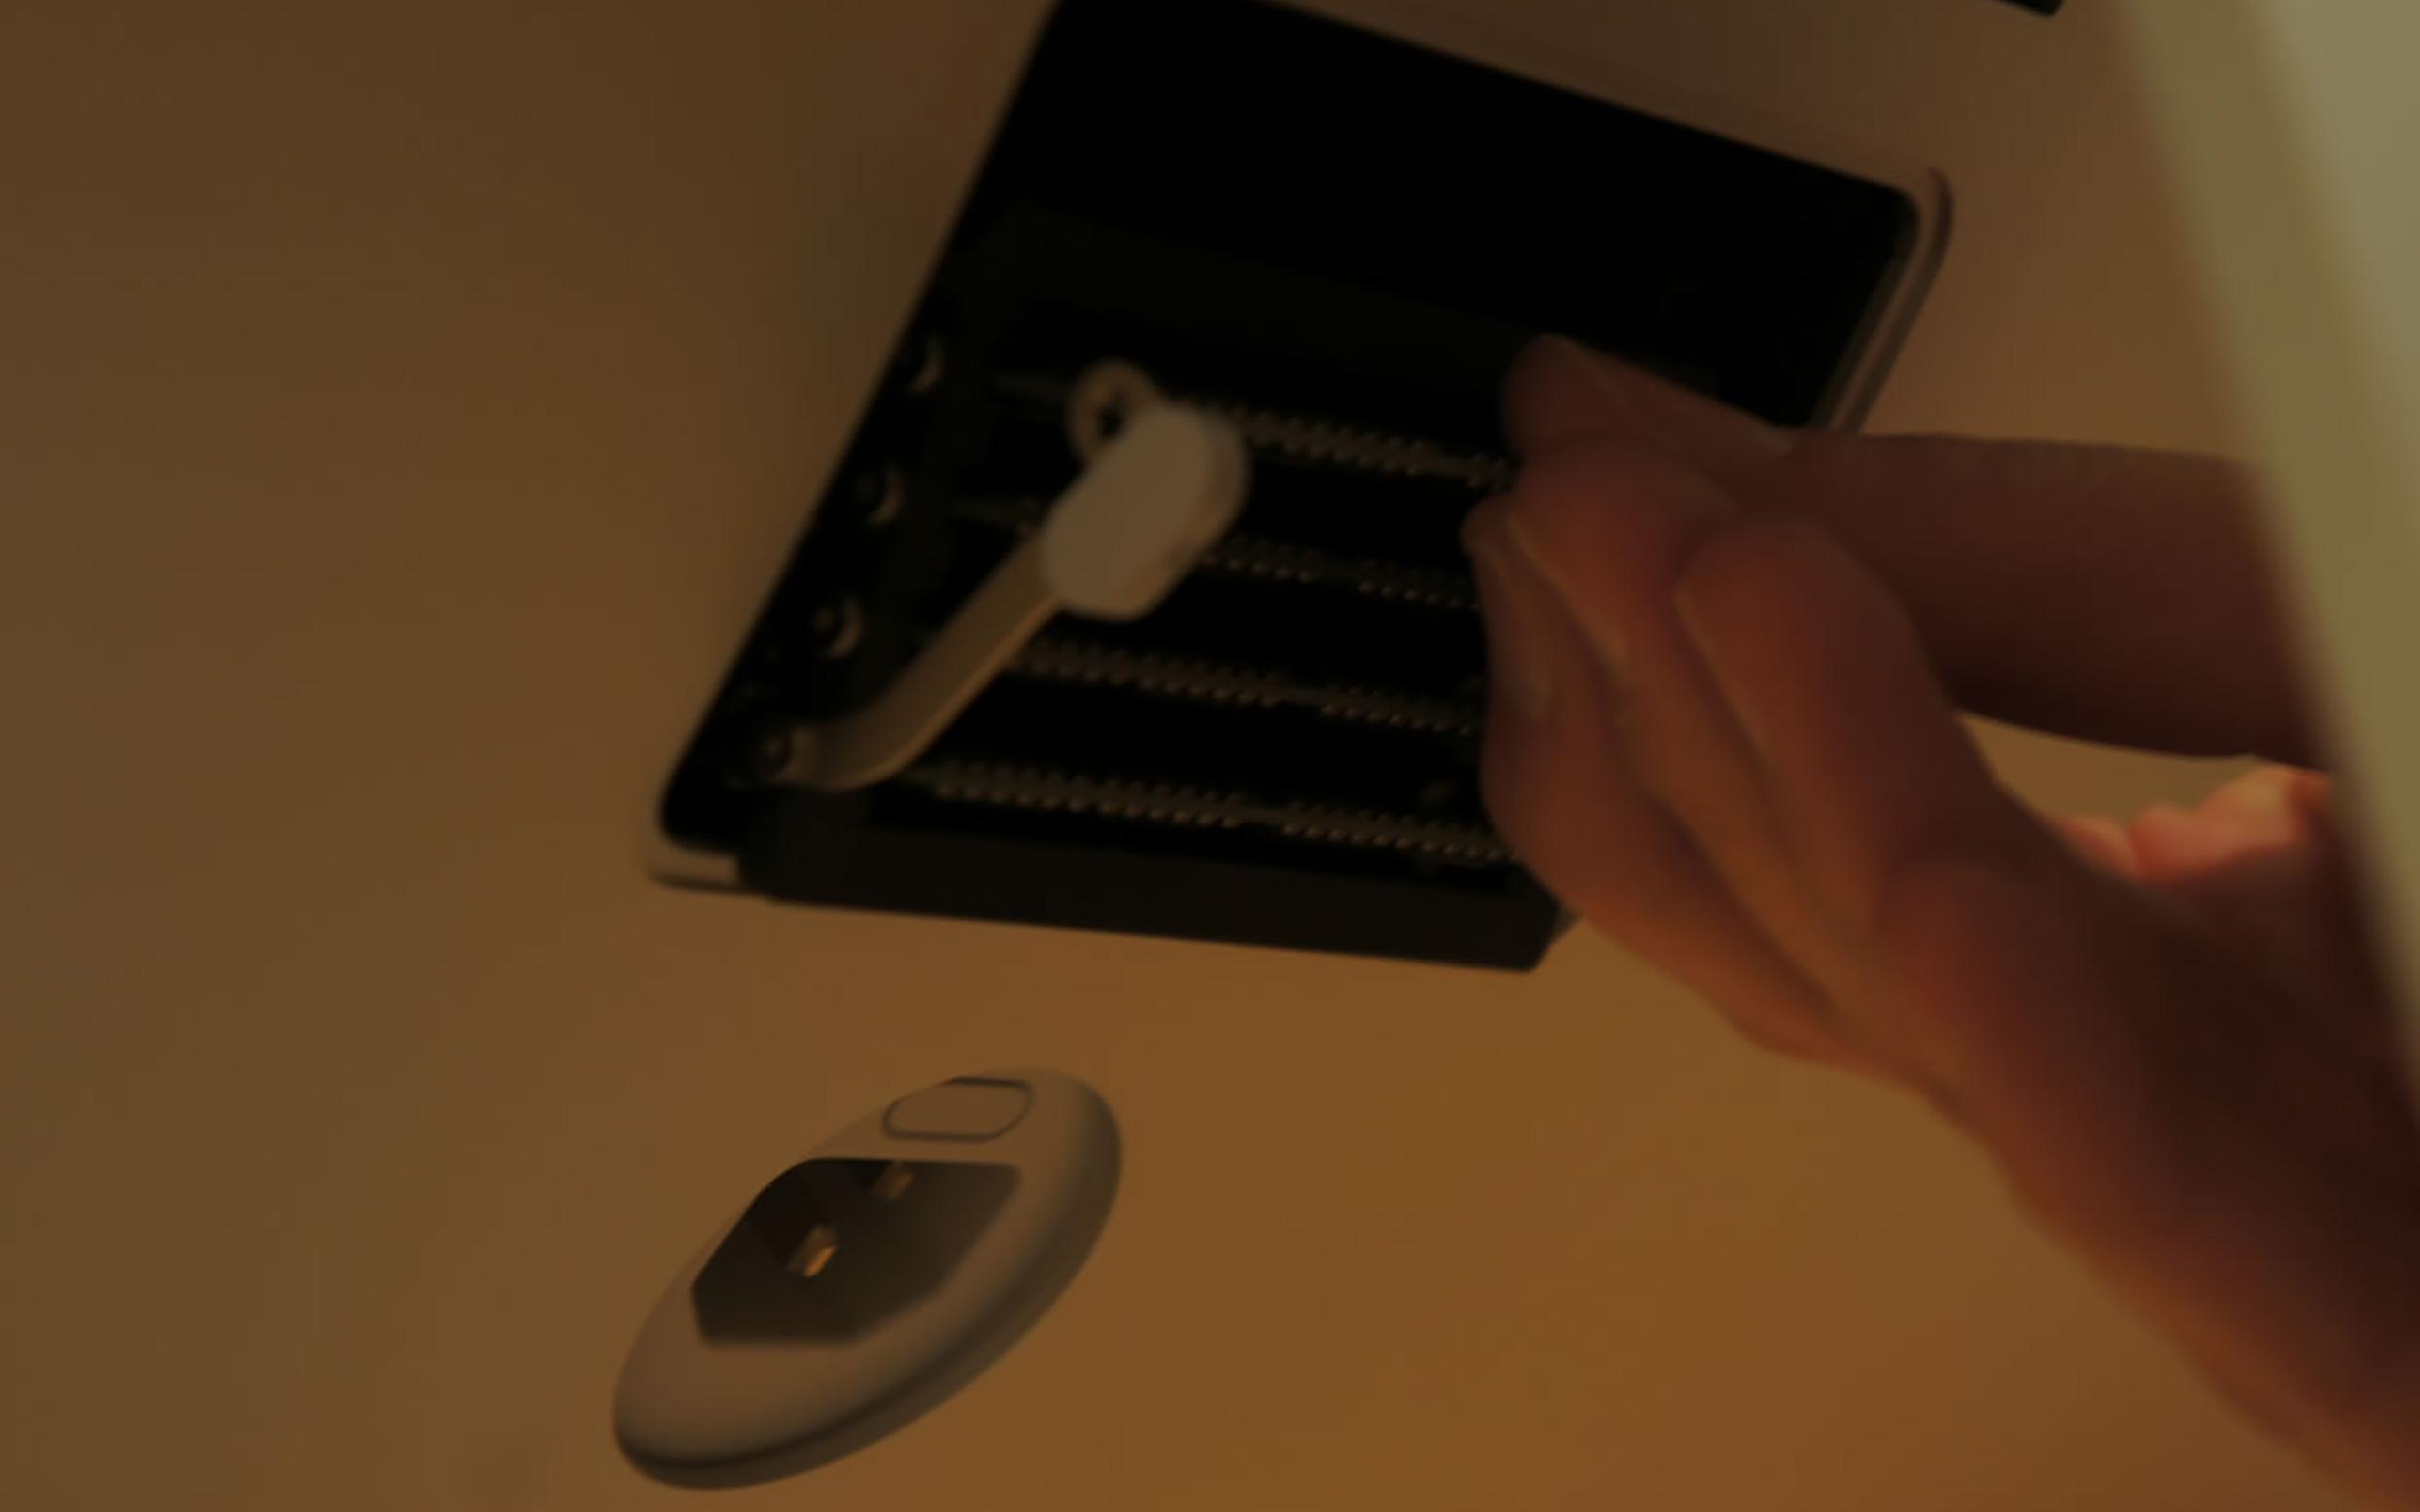 Die zwei Verriegelungen nach außen drücken, um das Speicherfach zu lösen und den Arbeitsspeicher auszutauschen.